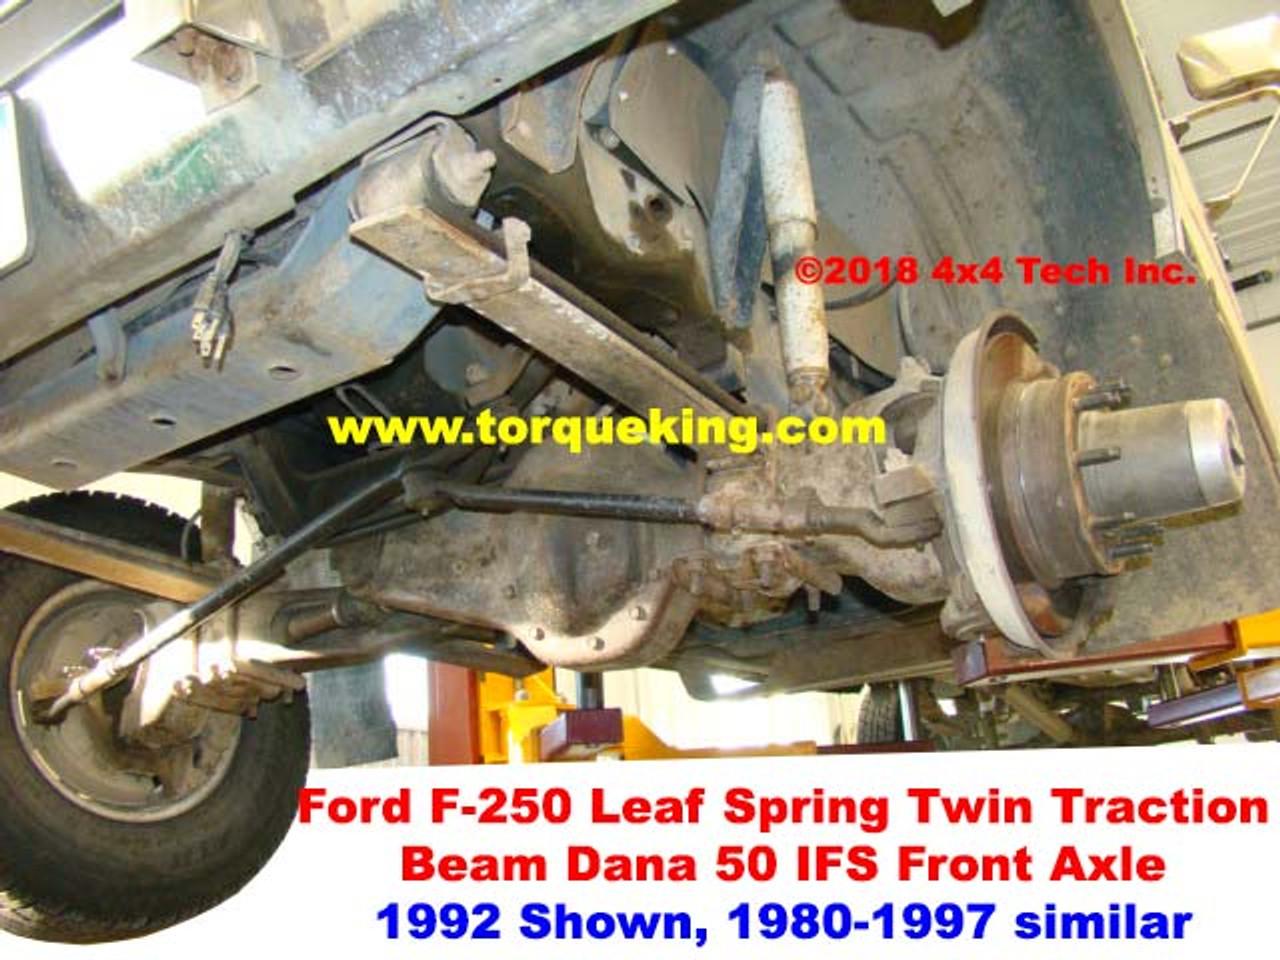 1980 1997 ford dana 50 ifs front axle id rh torqueking com Ford F-250 Front Axle Identification Ford F-250 Front Axle Diagram